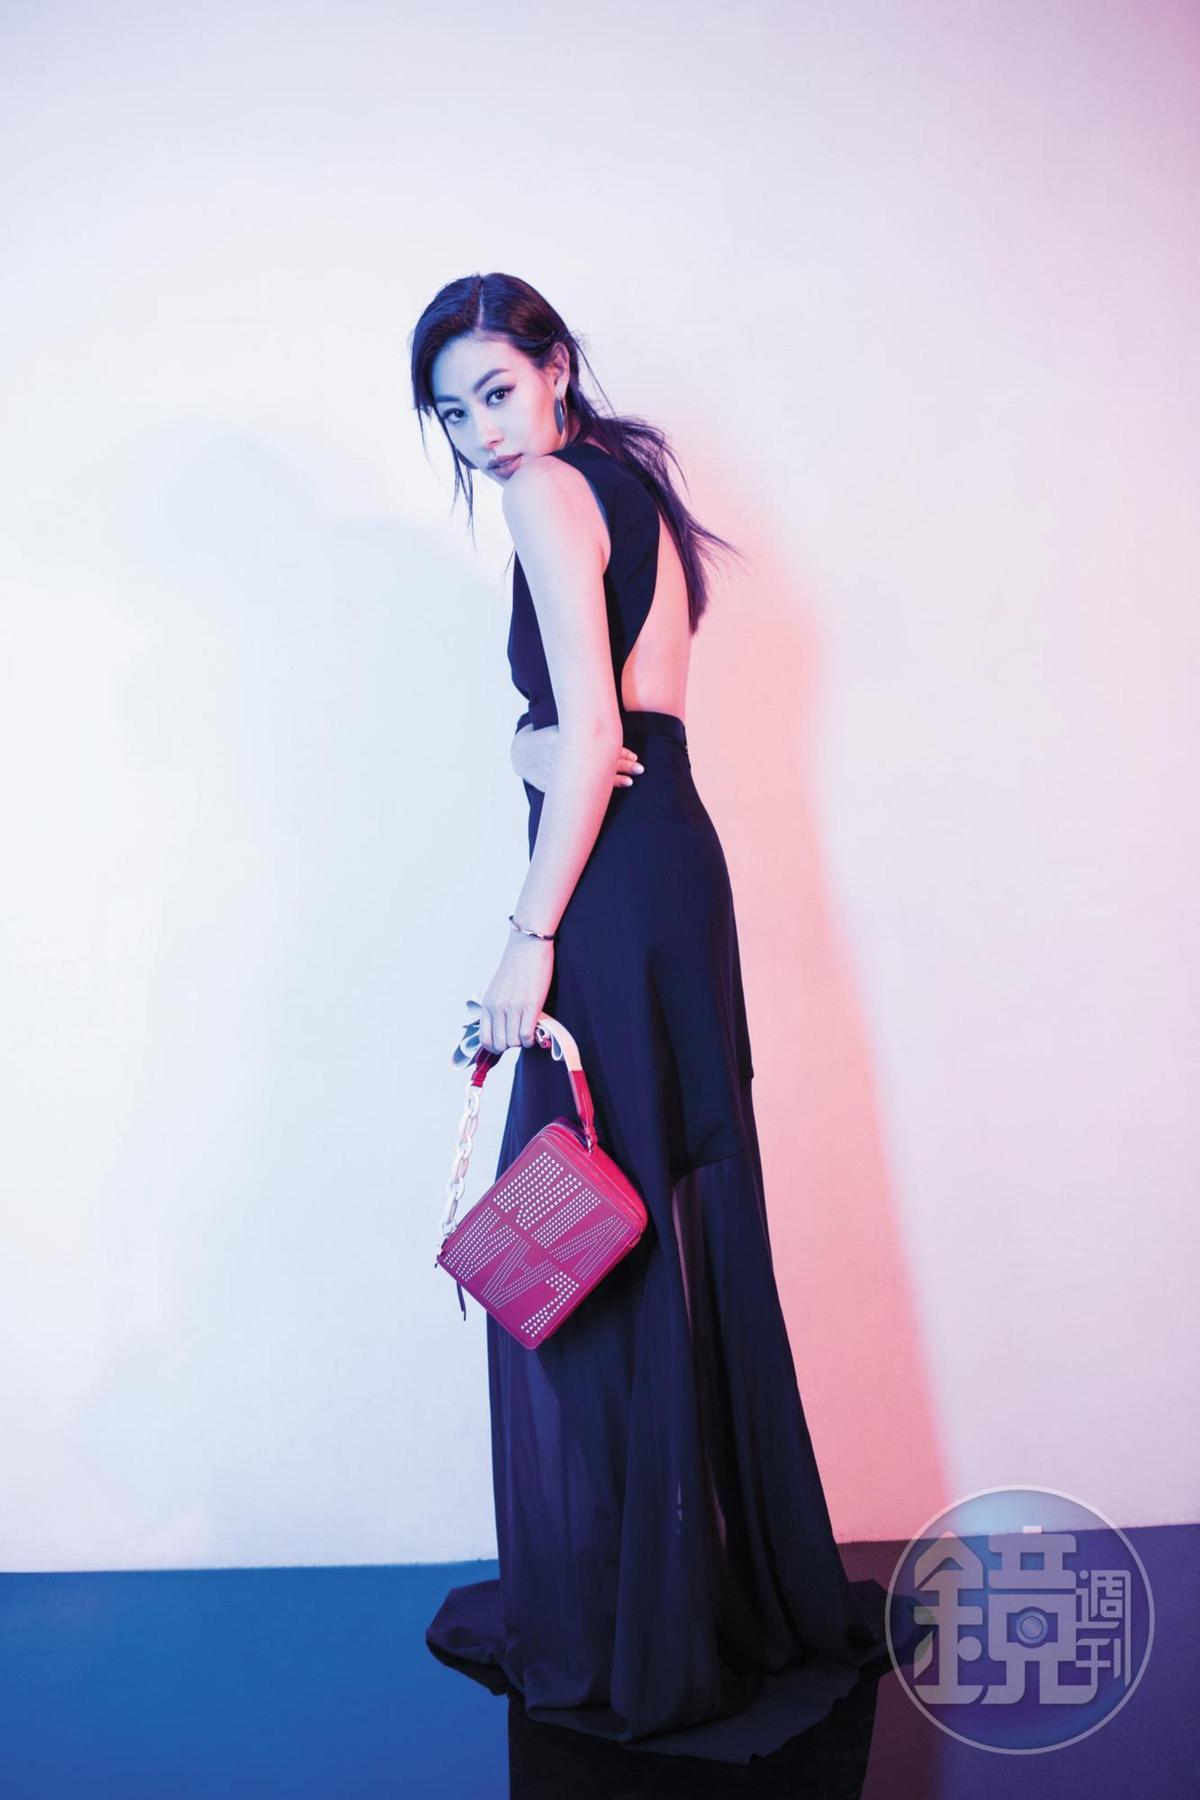 黑色透膚不對稱長洋裝,NT$146,400;Toffee By LANVIN相機包,NT$60,900。